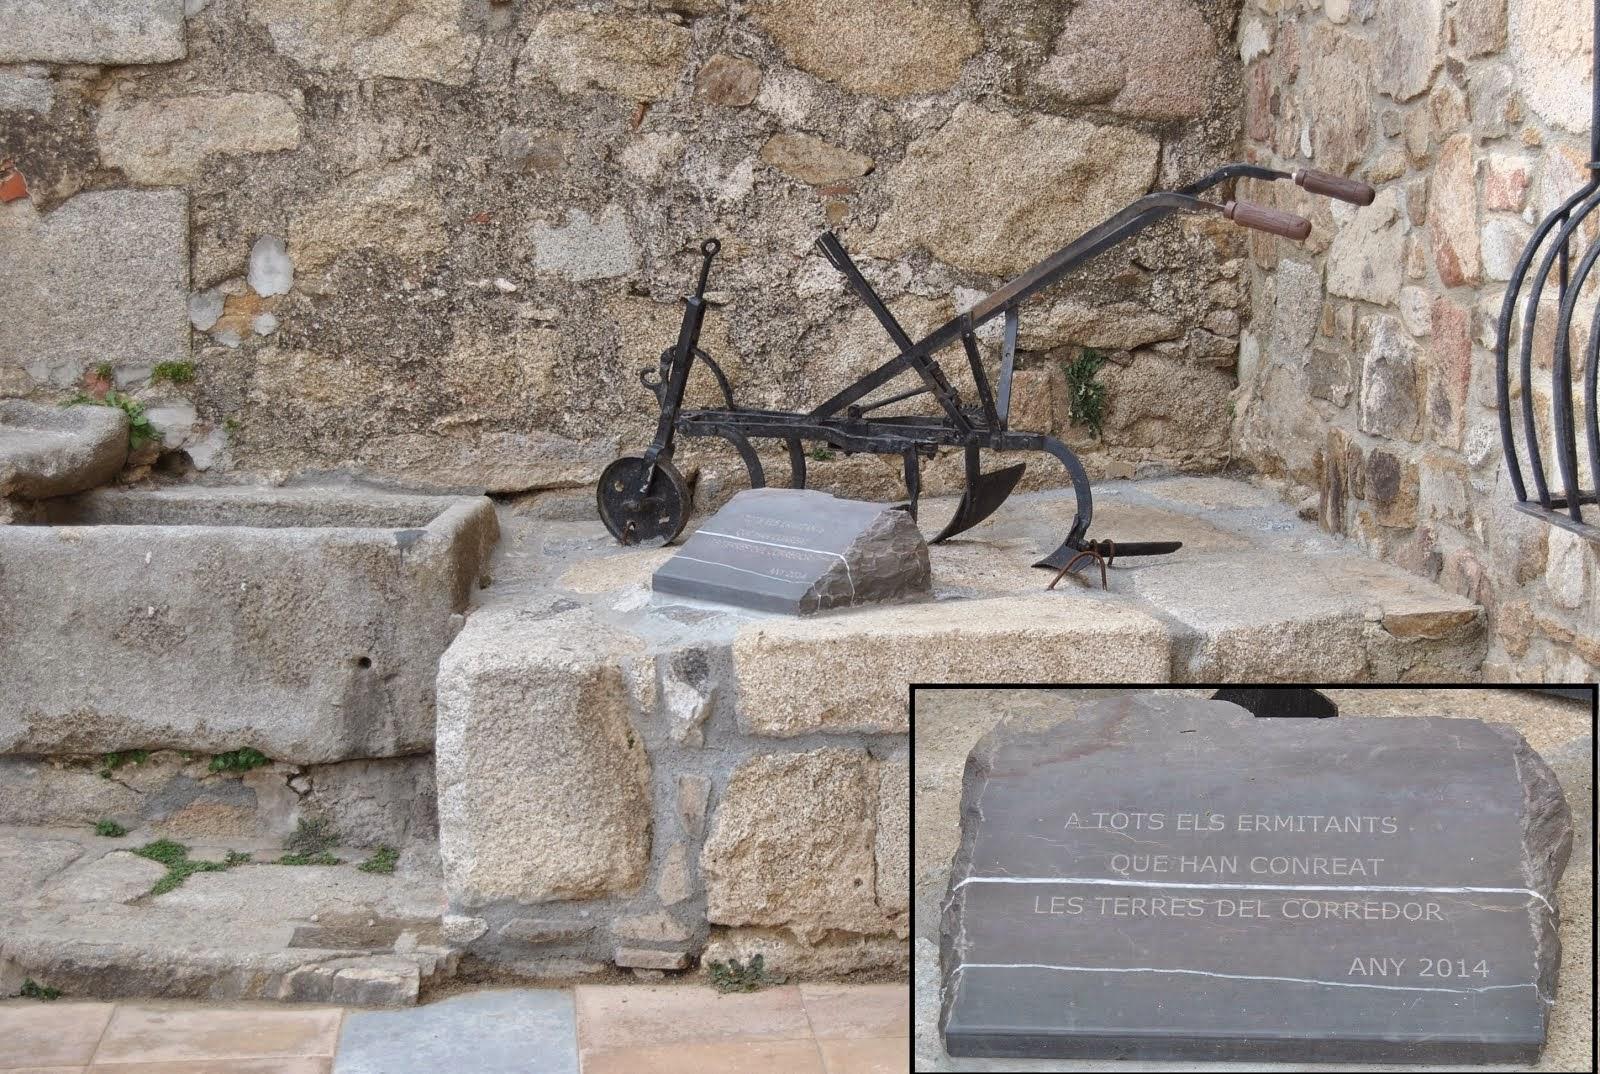 memorial dels ermitans passats